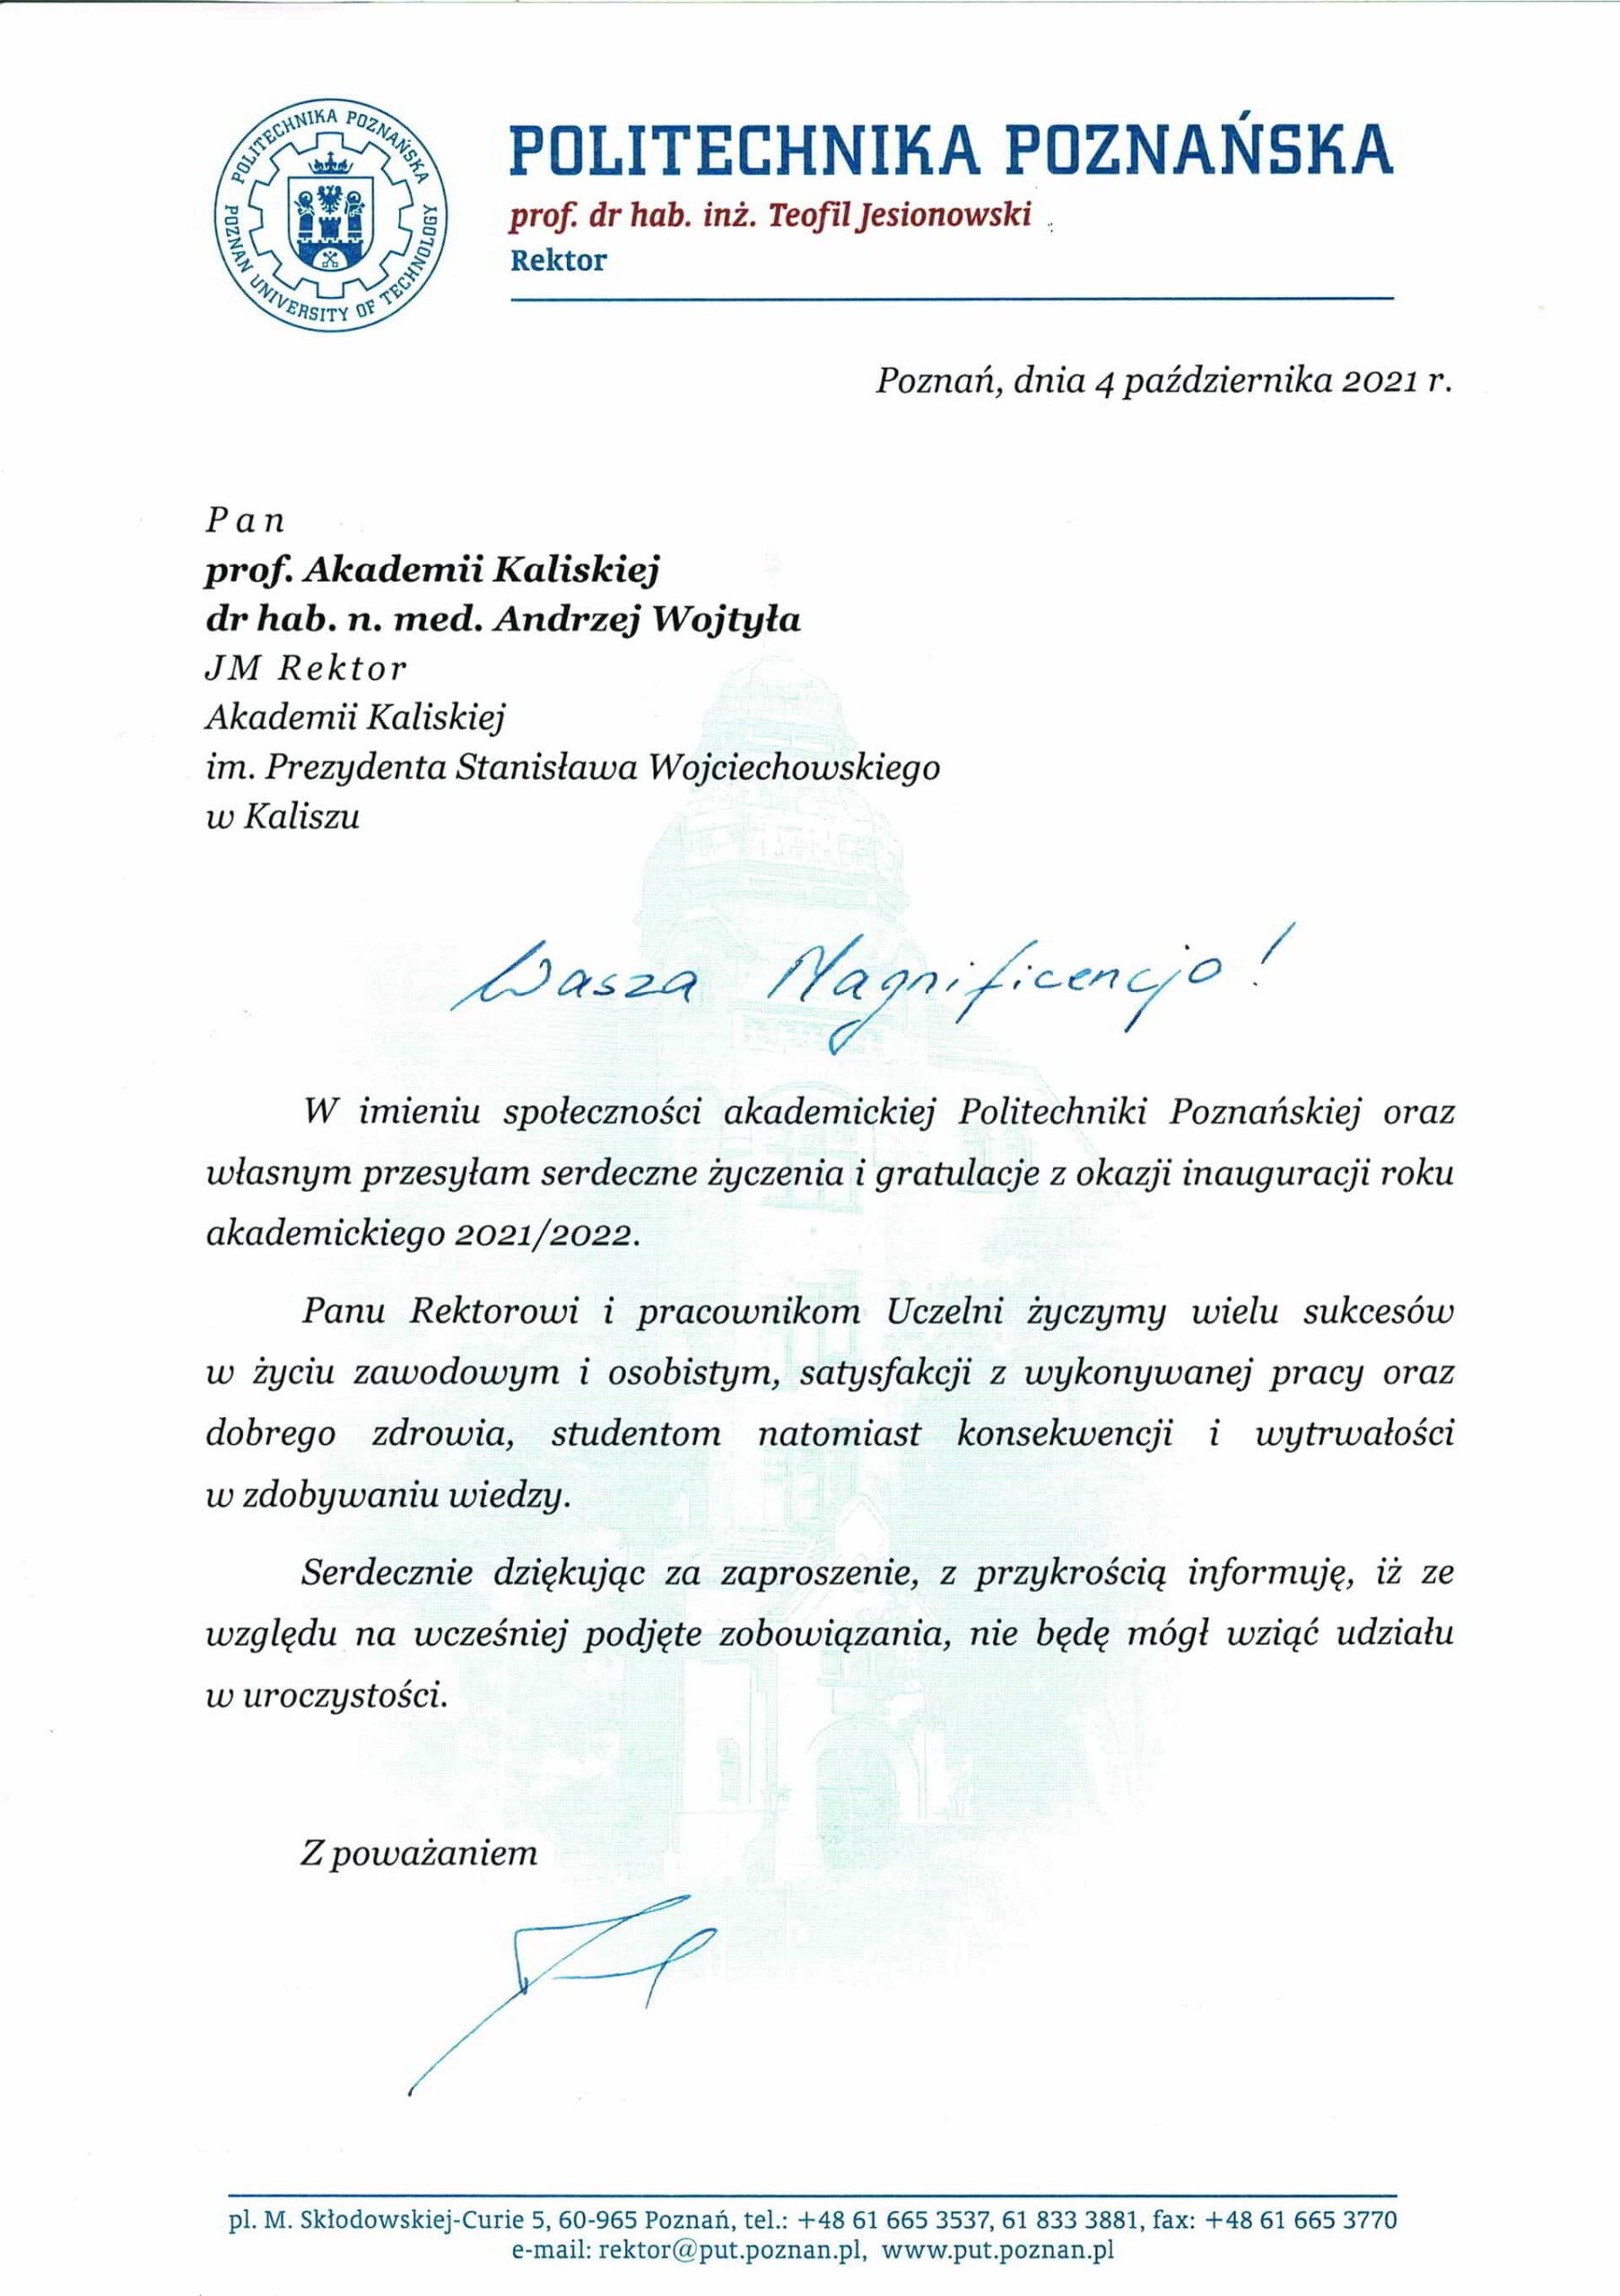 życzenia inauguracja roku akademickiego 2021/2022 Rektor Politechniki Poznańskiej